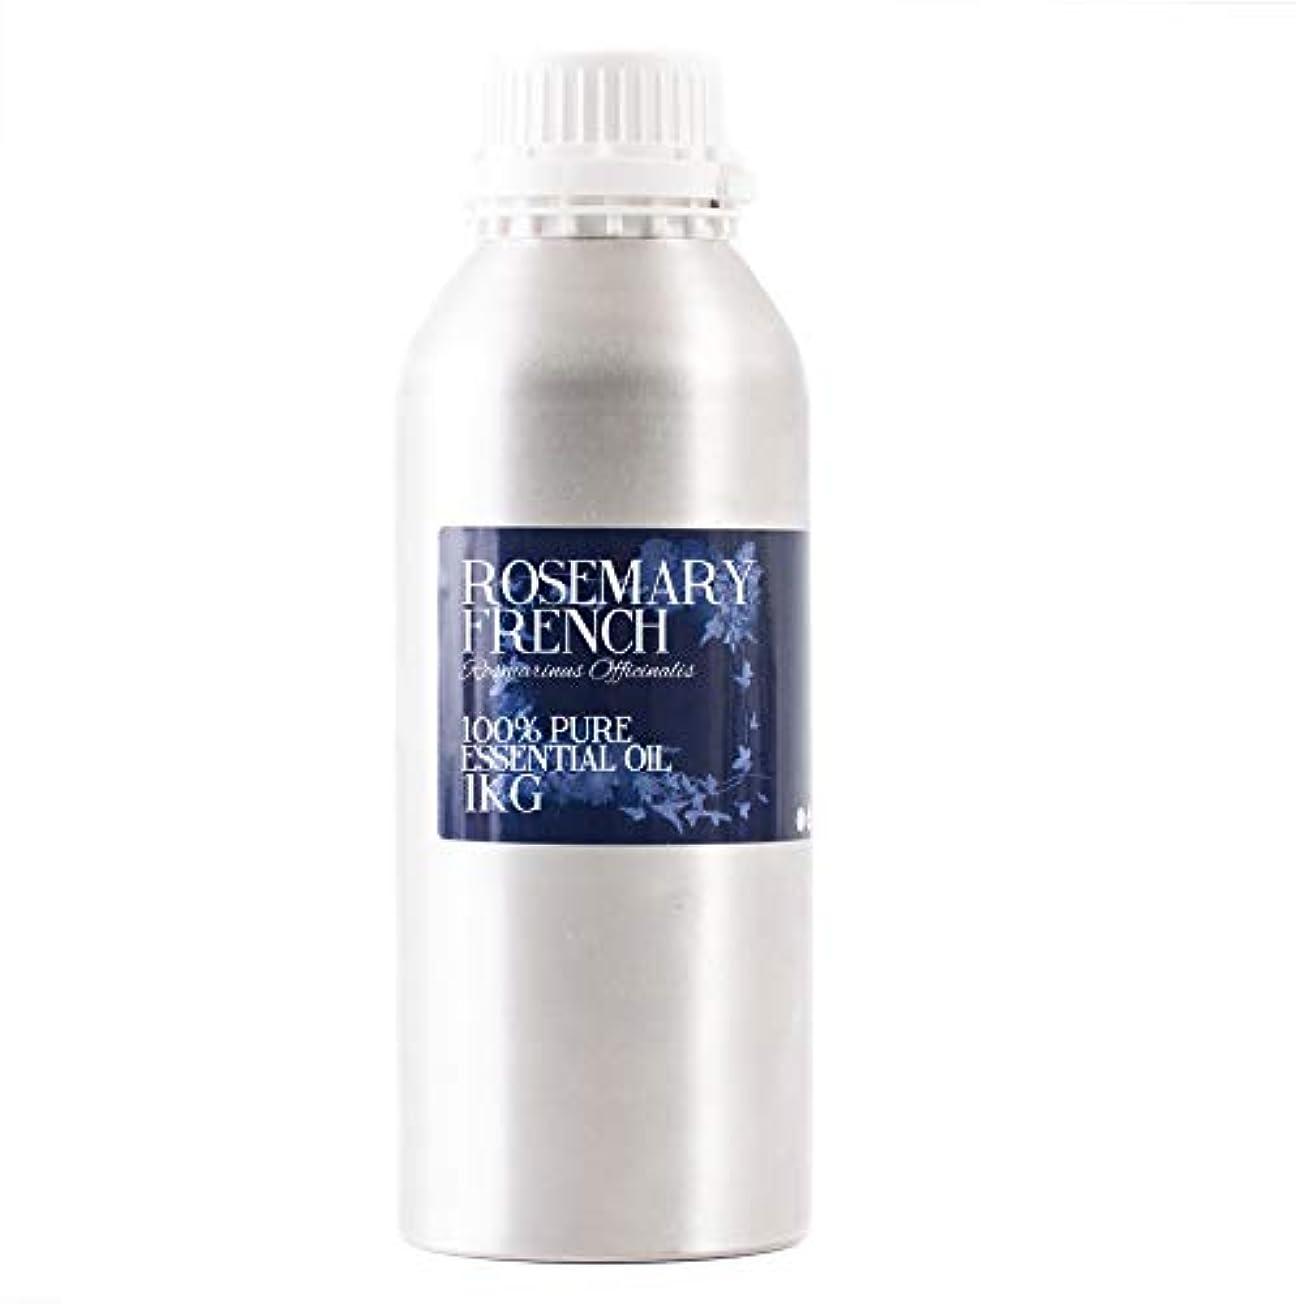 染色簡潔な論争Mystic Moments | Rosemary French Essential Oil - 1Kg - 100% Pure